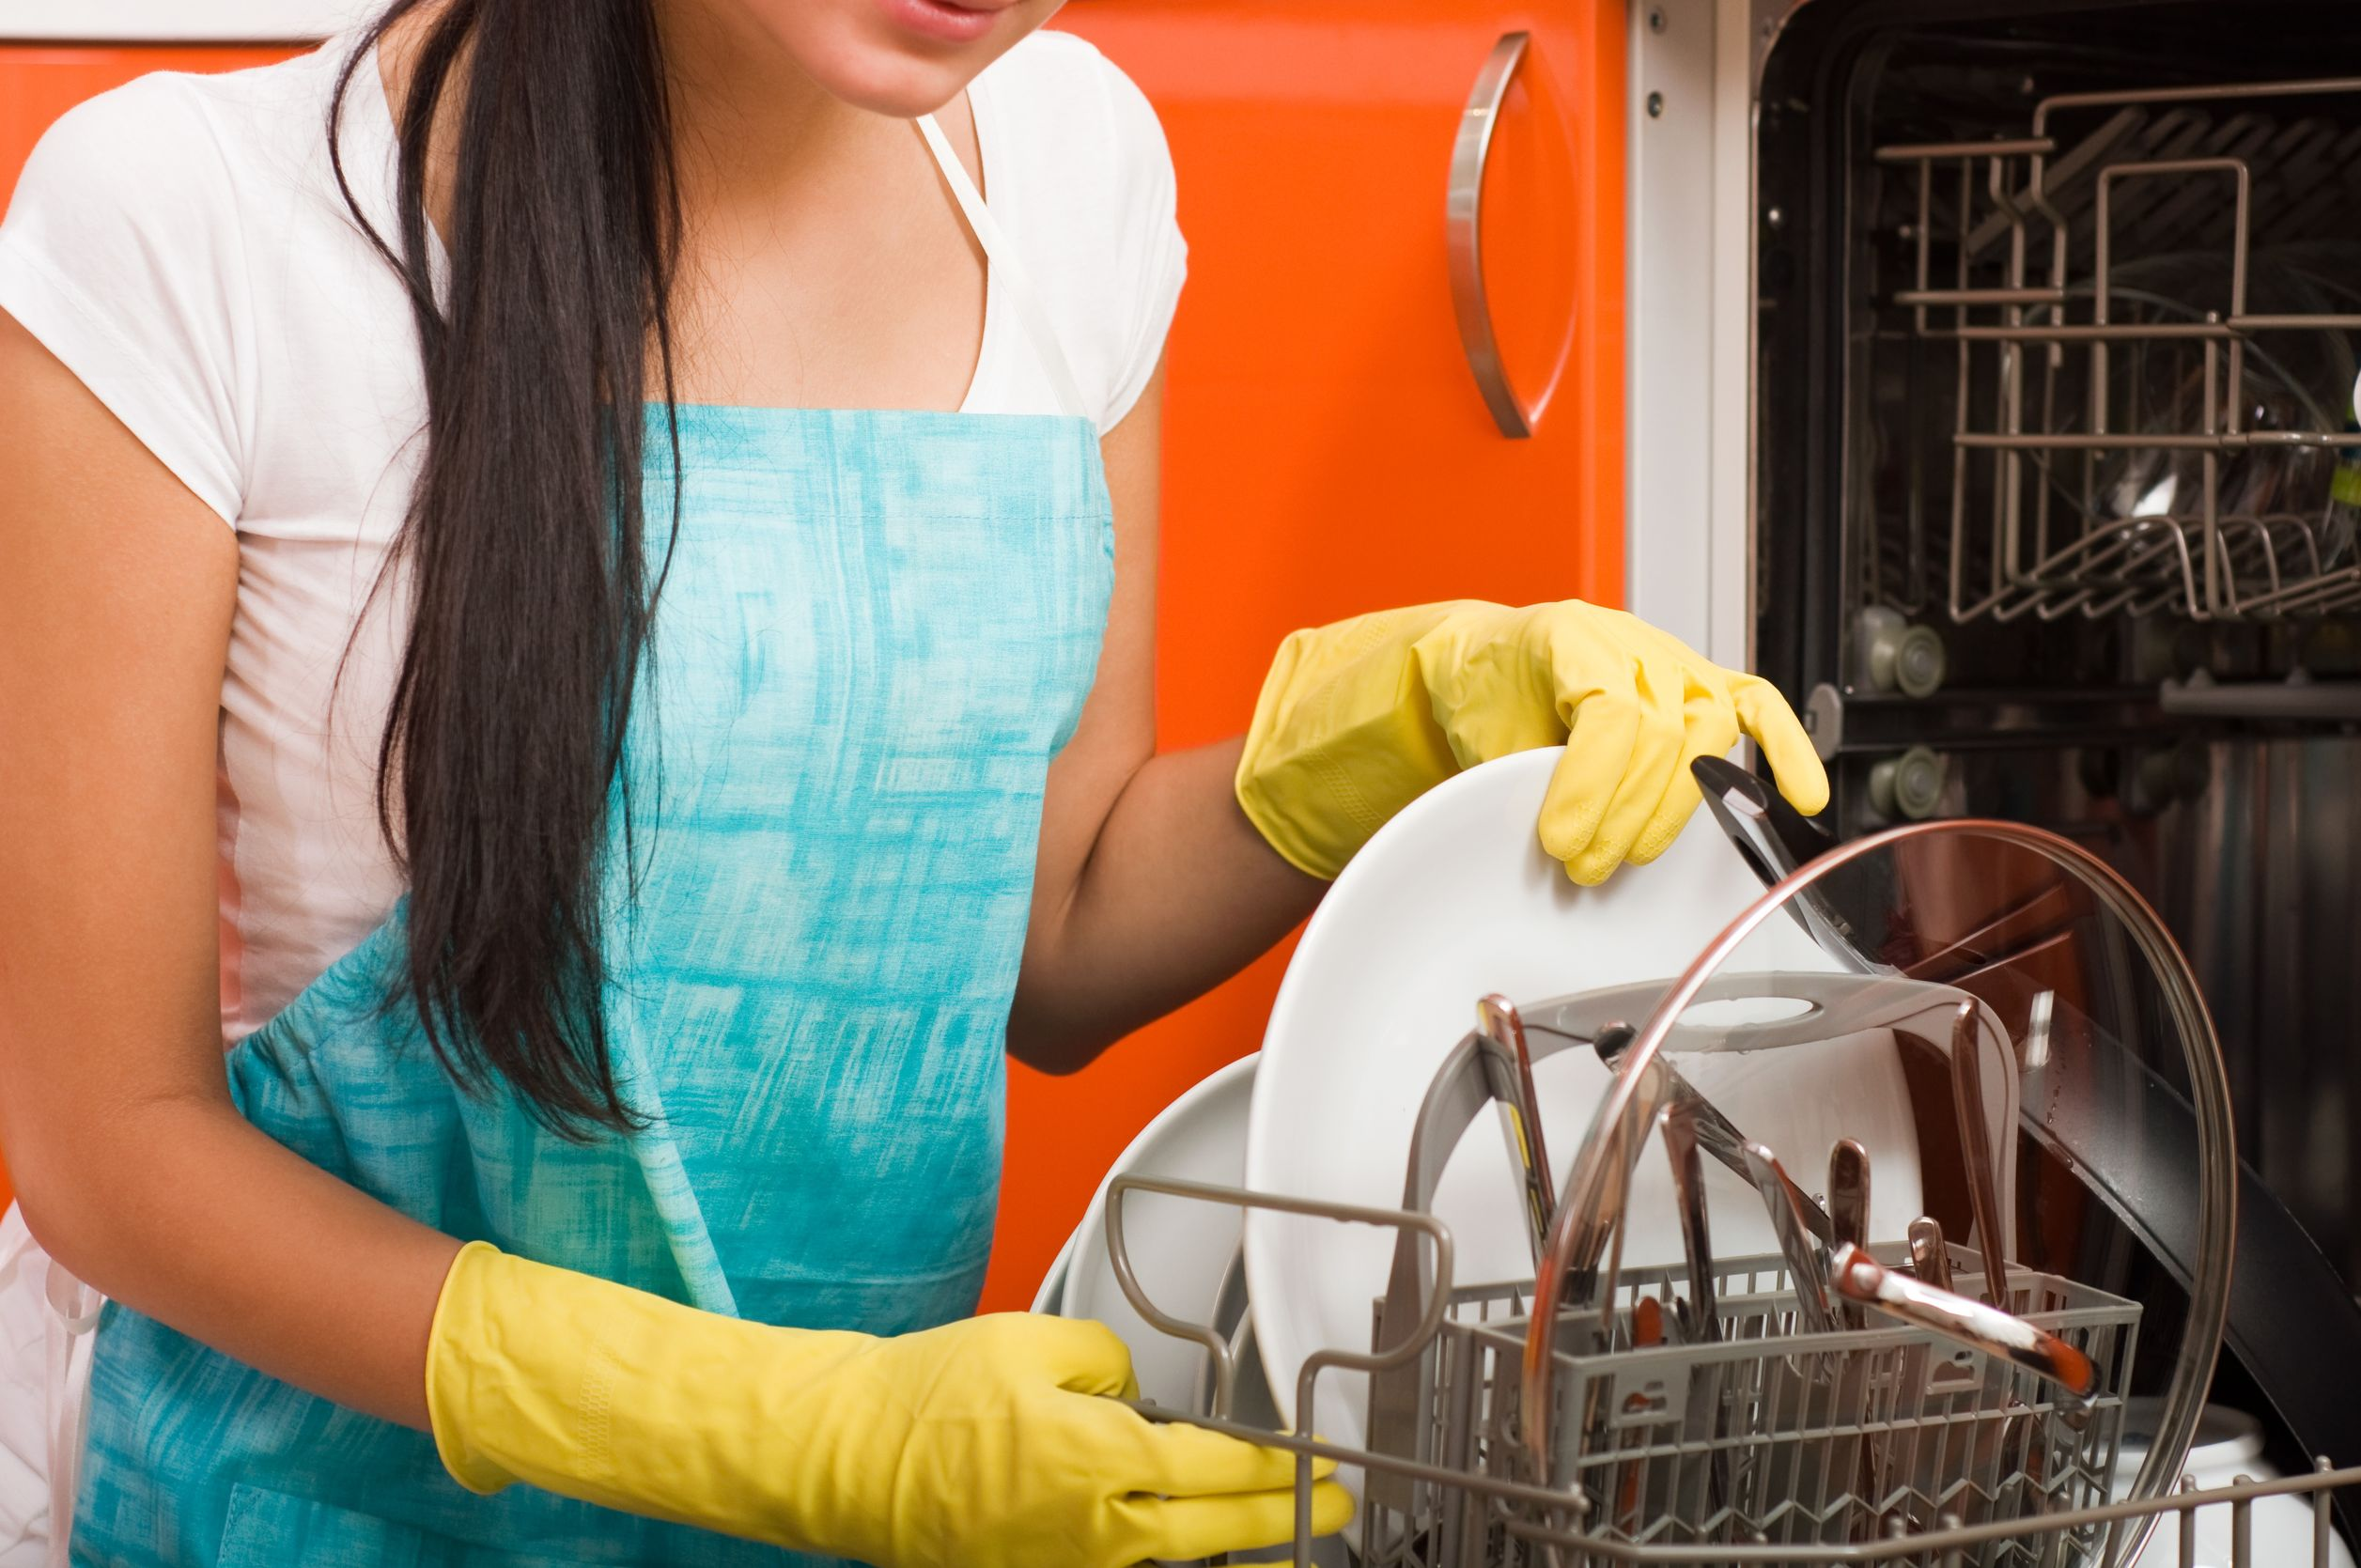 woman cleaning kitchen using dish washing machine.